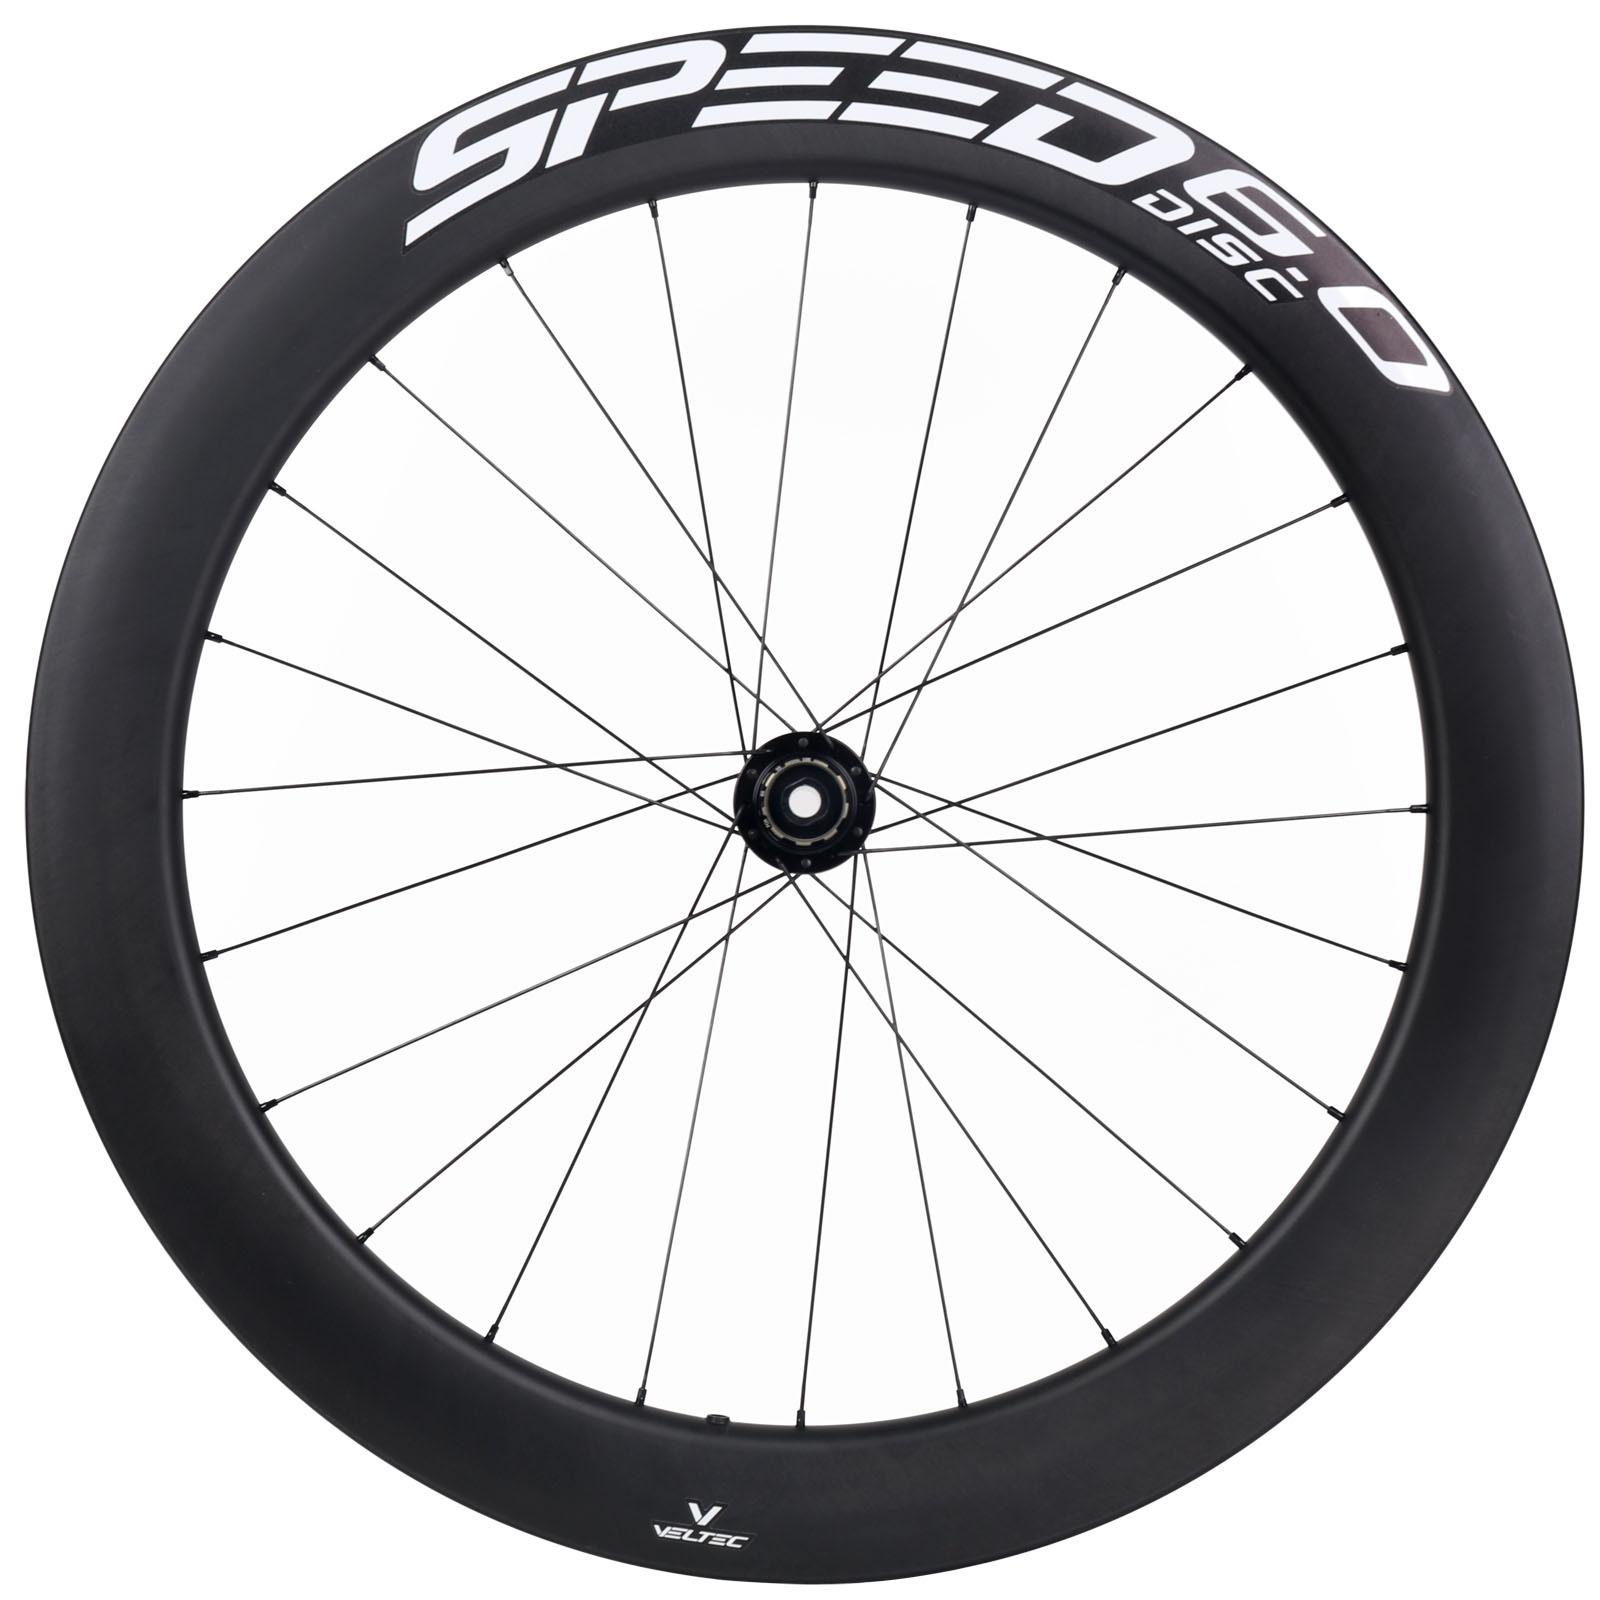 Veltec Speed 6.0 Disc Carbon Hinterrad - Drahtreifen - 12x142mm - schwarz mit weißen Decals